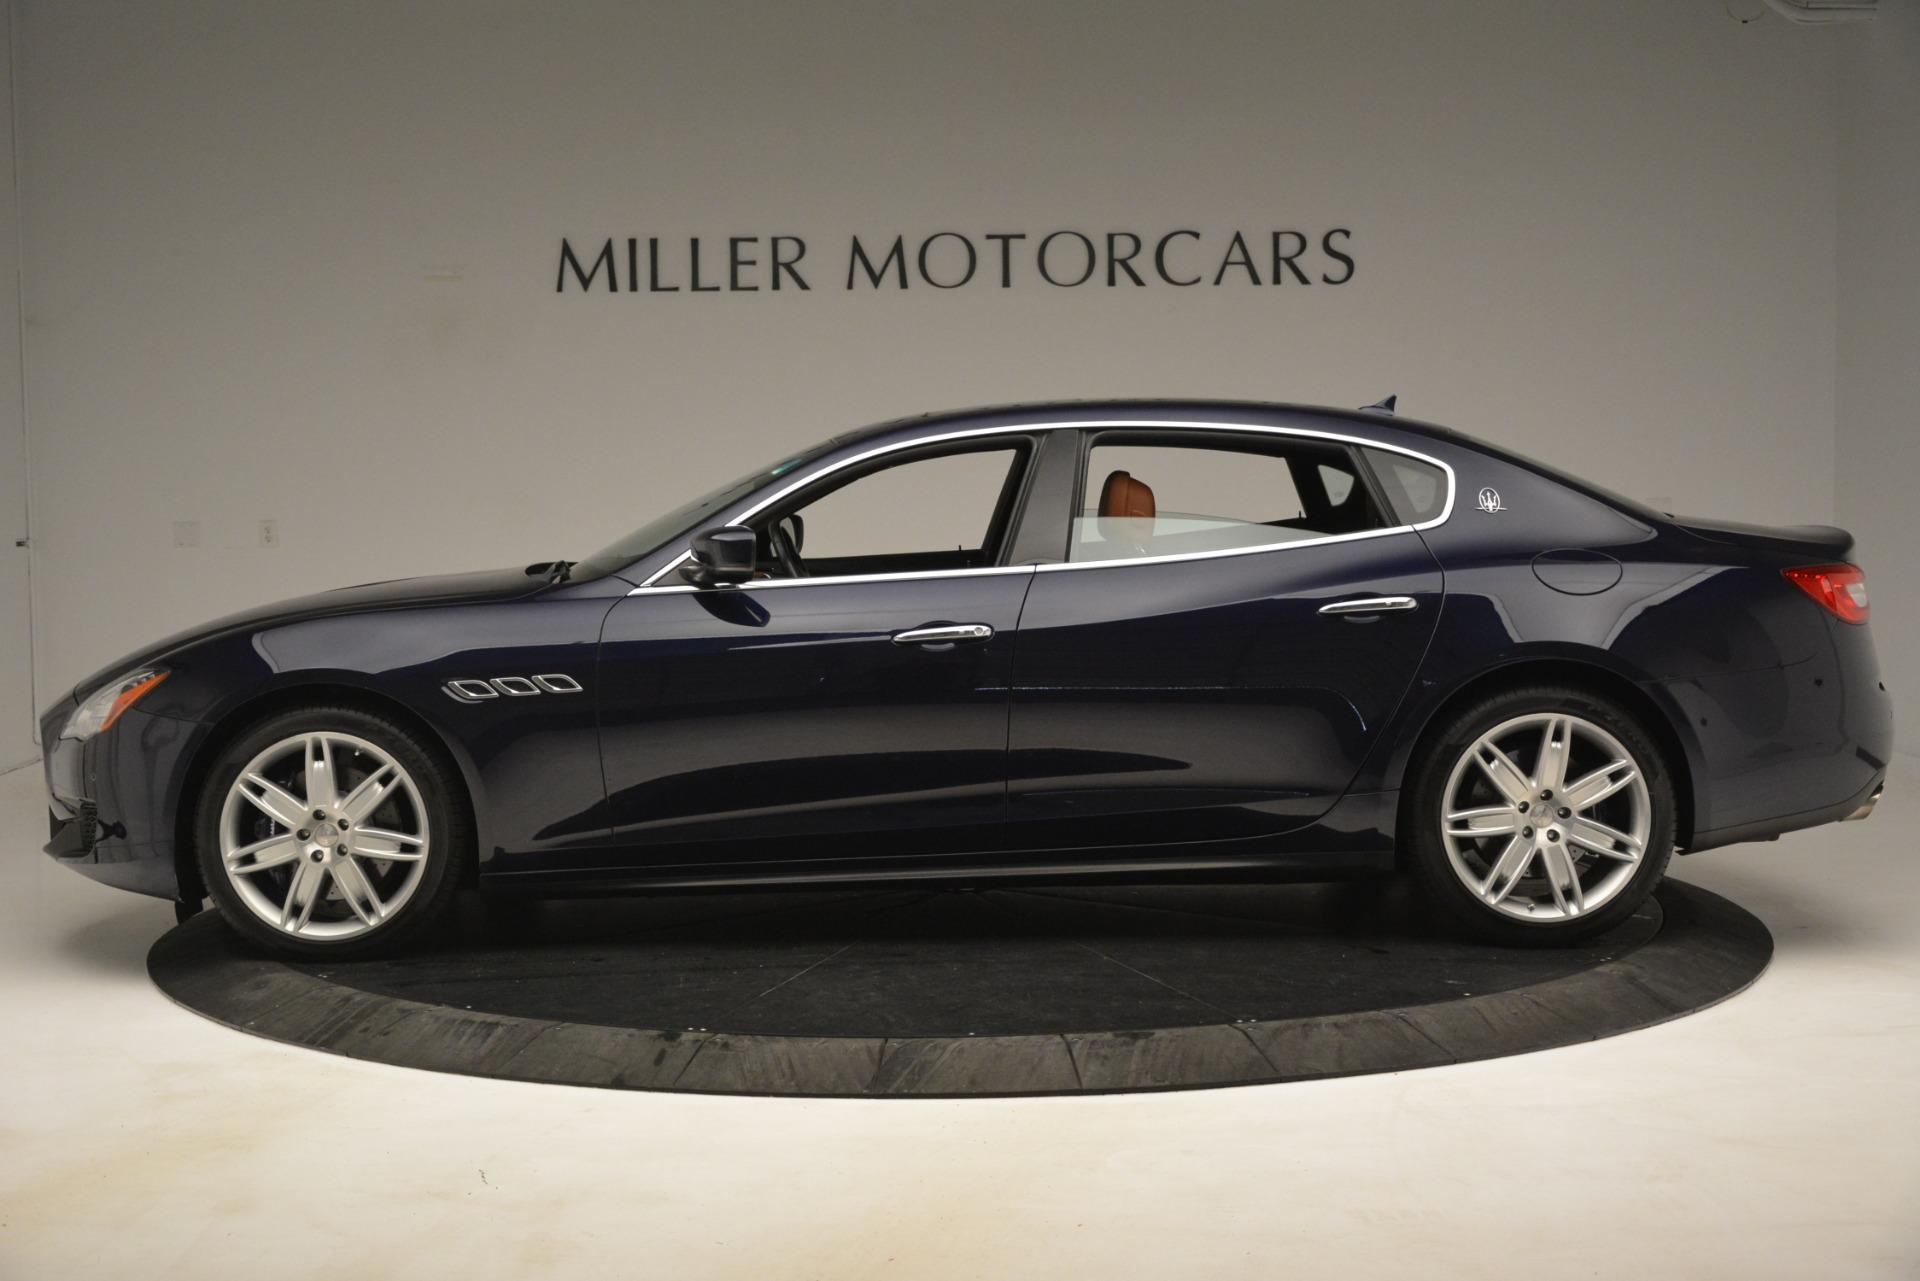 Used 2015 Maserati Quattroporte S Q4 For Sale In Greenwich, CT 3058_p3